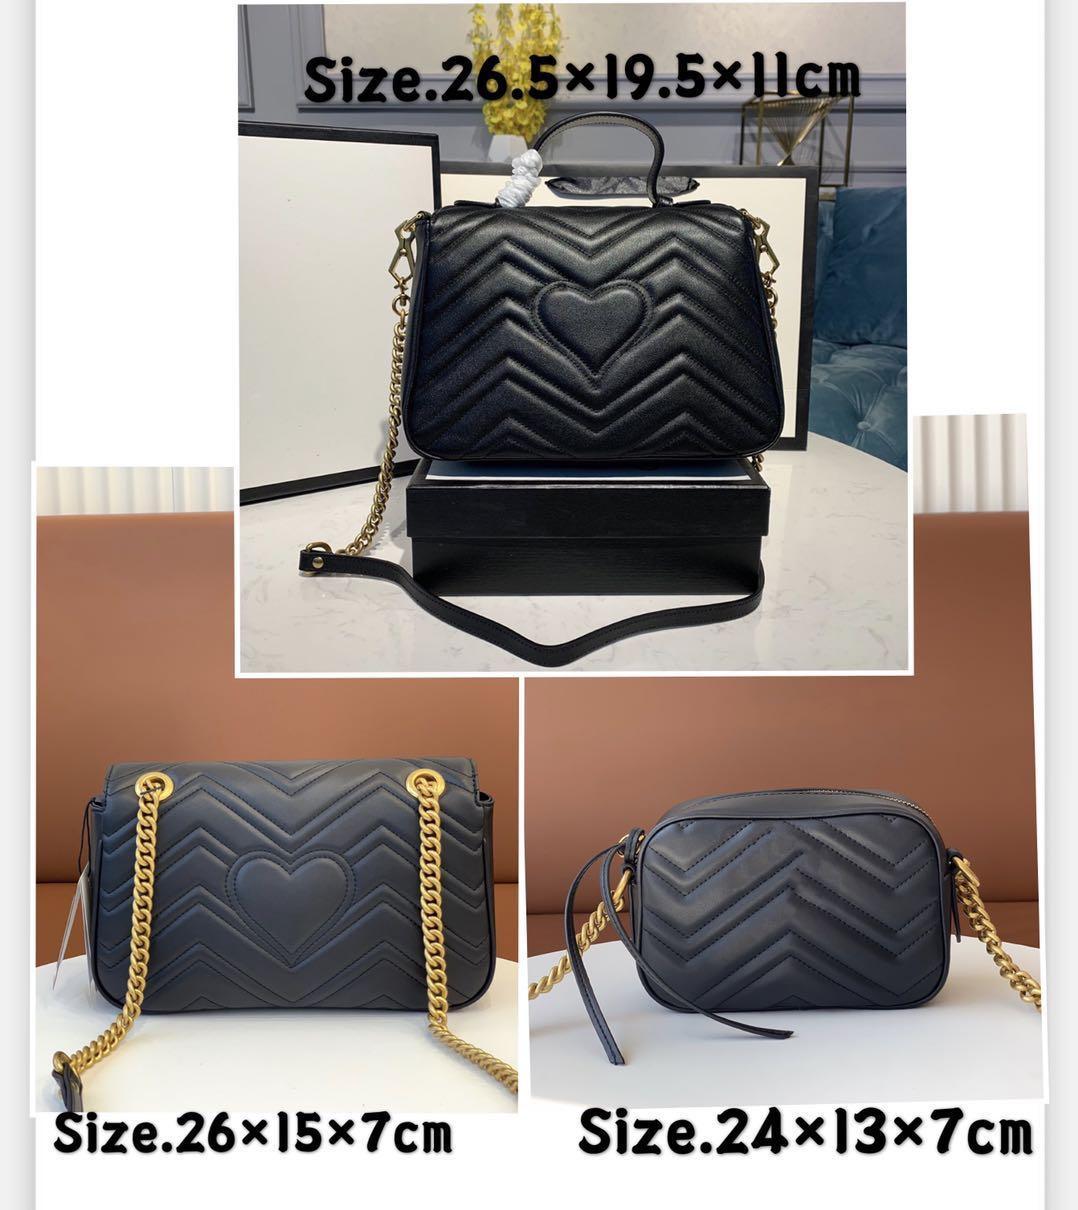 2020 sacs à main mode sacs de mode femmes sac sac à bandoulière en cuir véritable sac à main sac à bandoulière